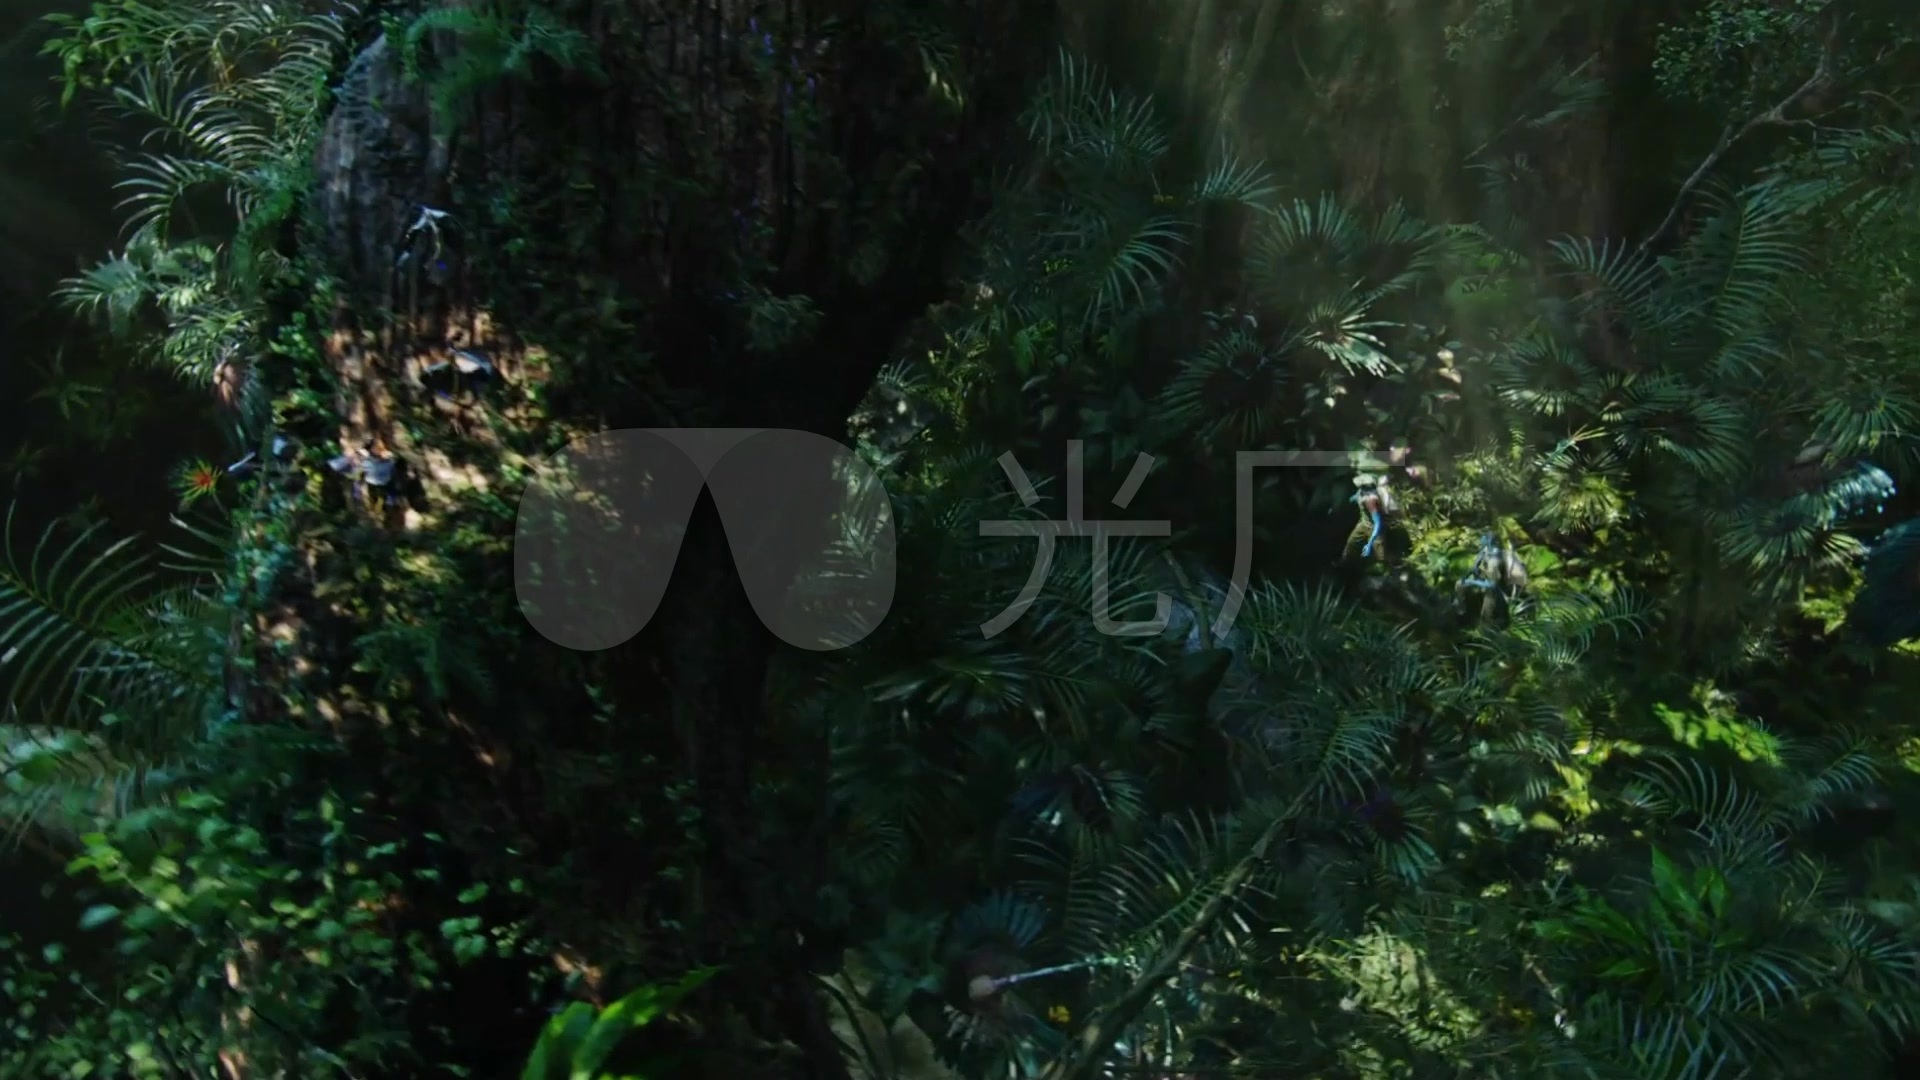 热带雨林大背景沼泽地视频_1920X1080_视频树根动态高清图片